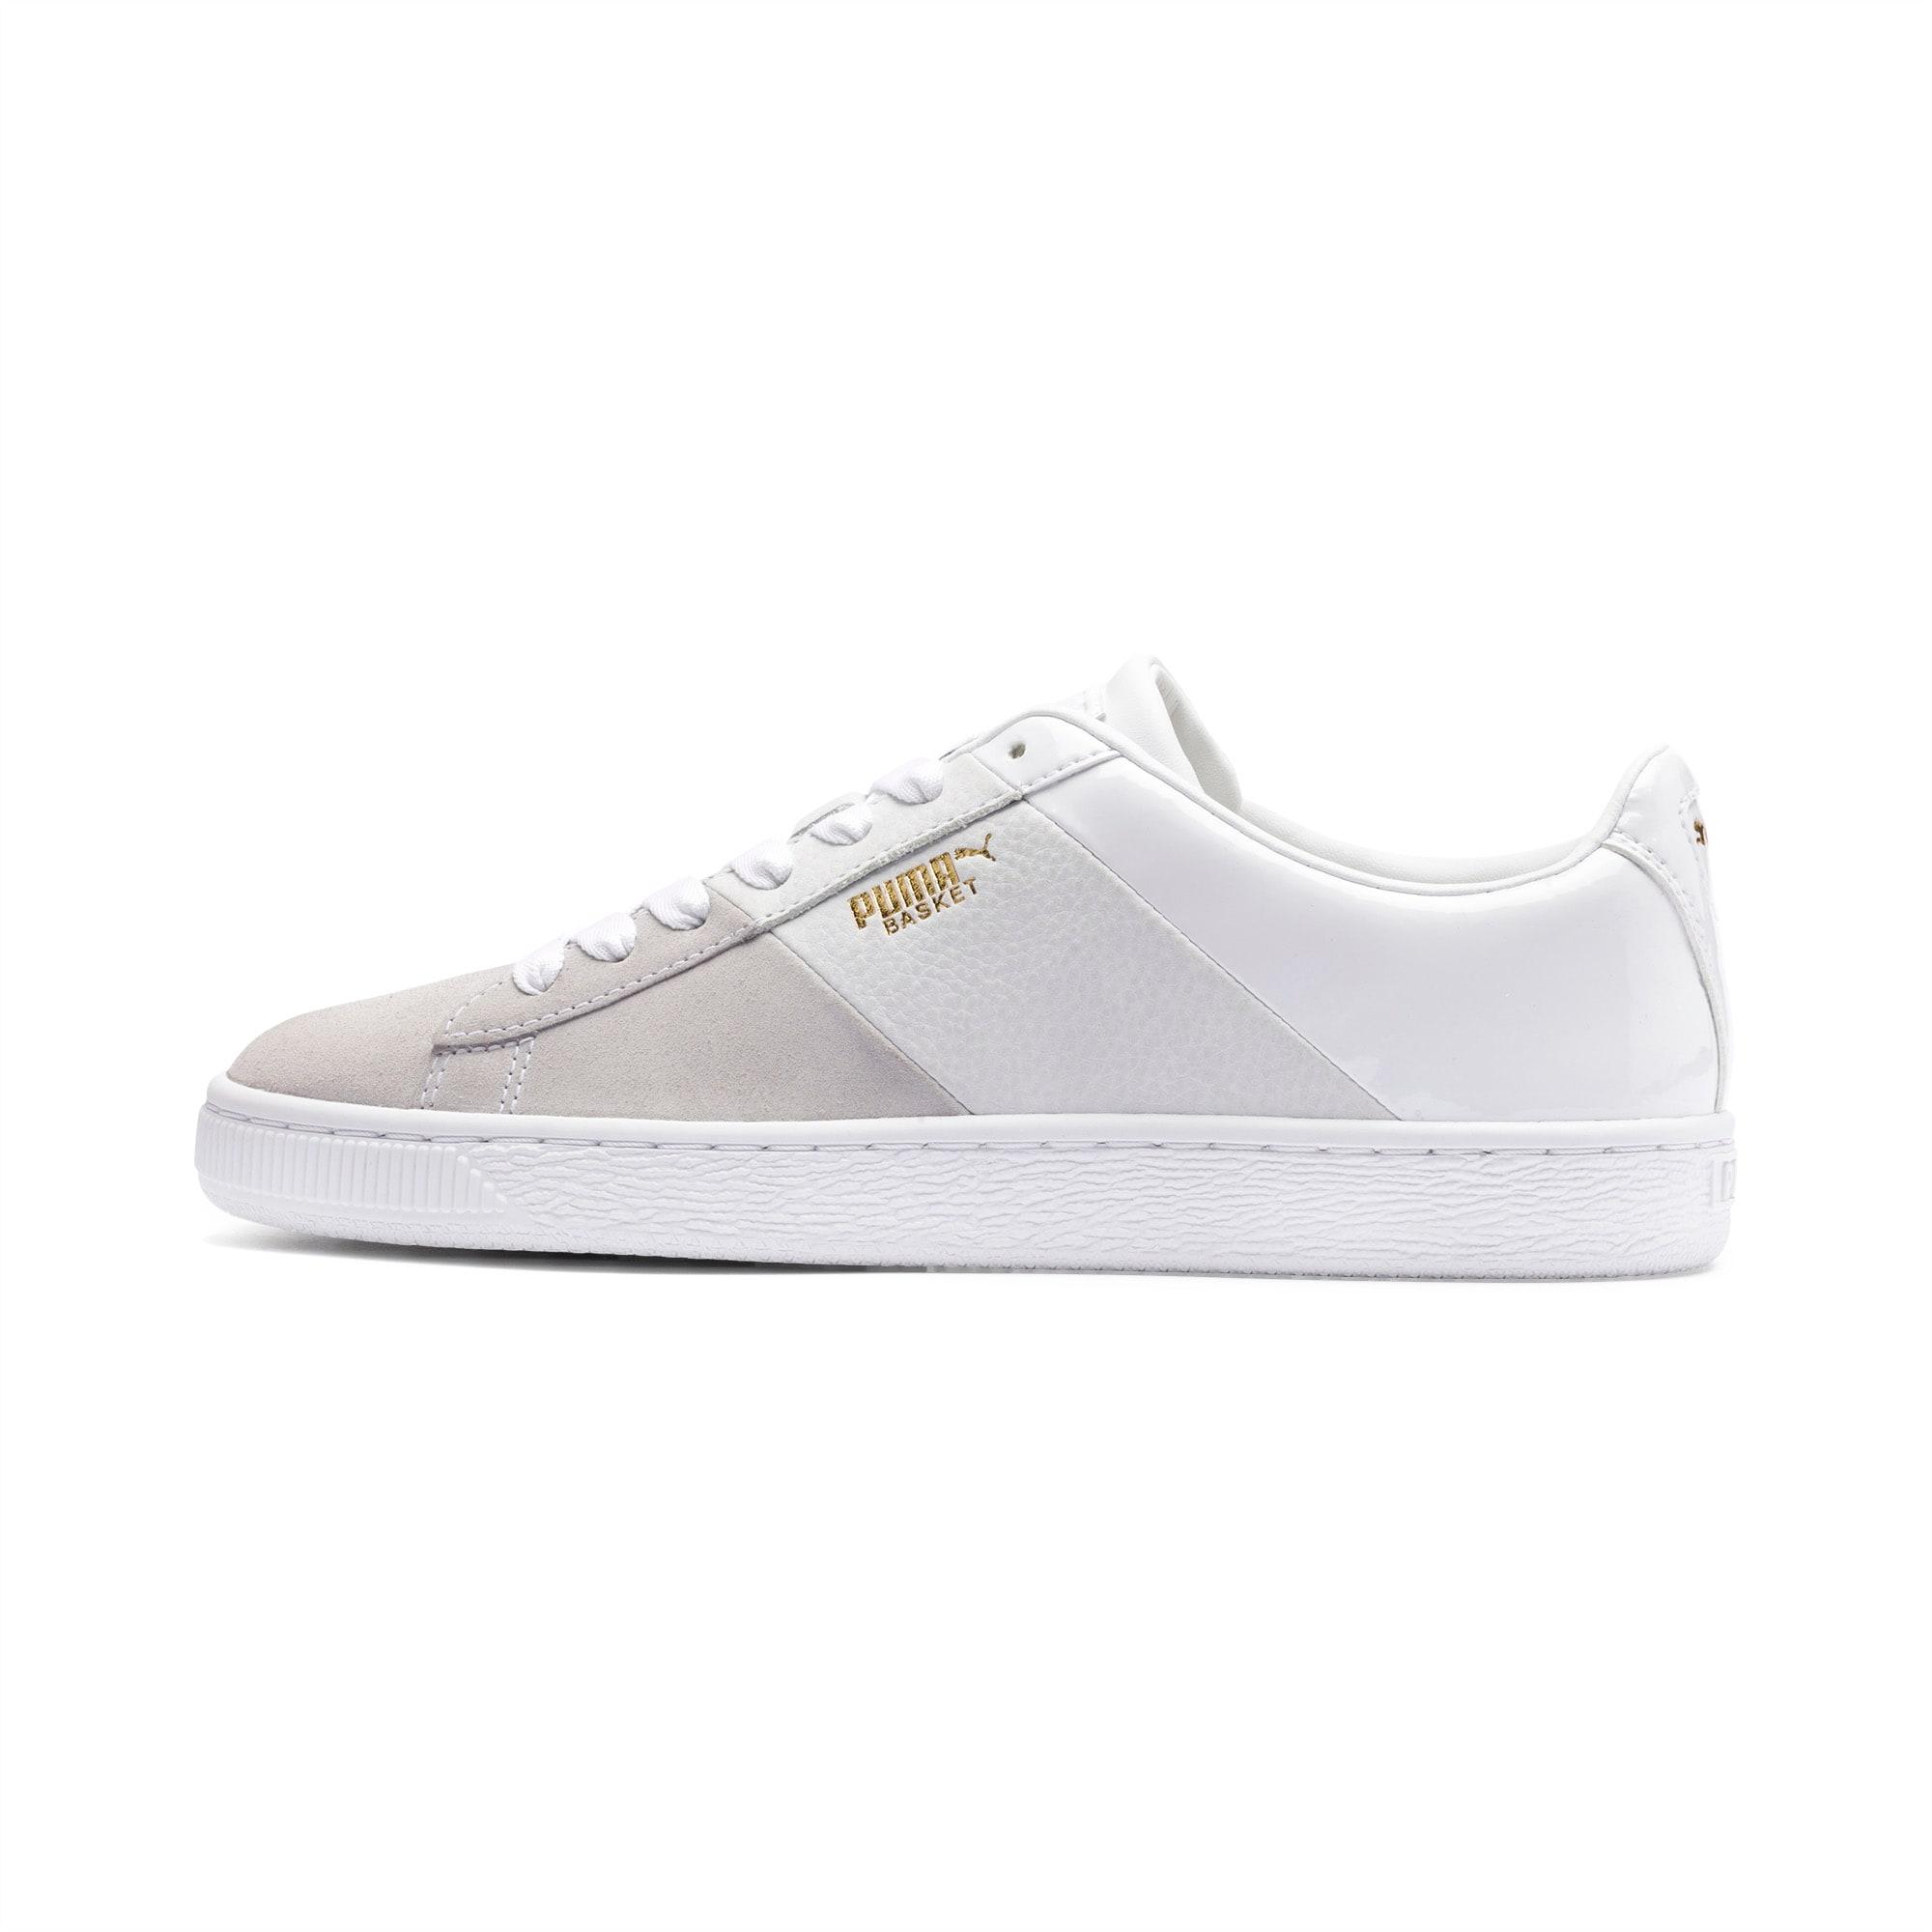 PUMA Damskie Buty Sportowe Basket Remix Biały Złoty, rozmiar 36, Obuwie